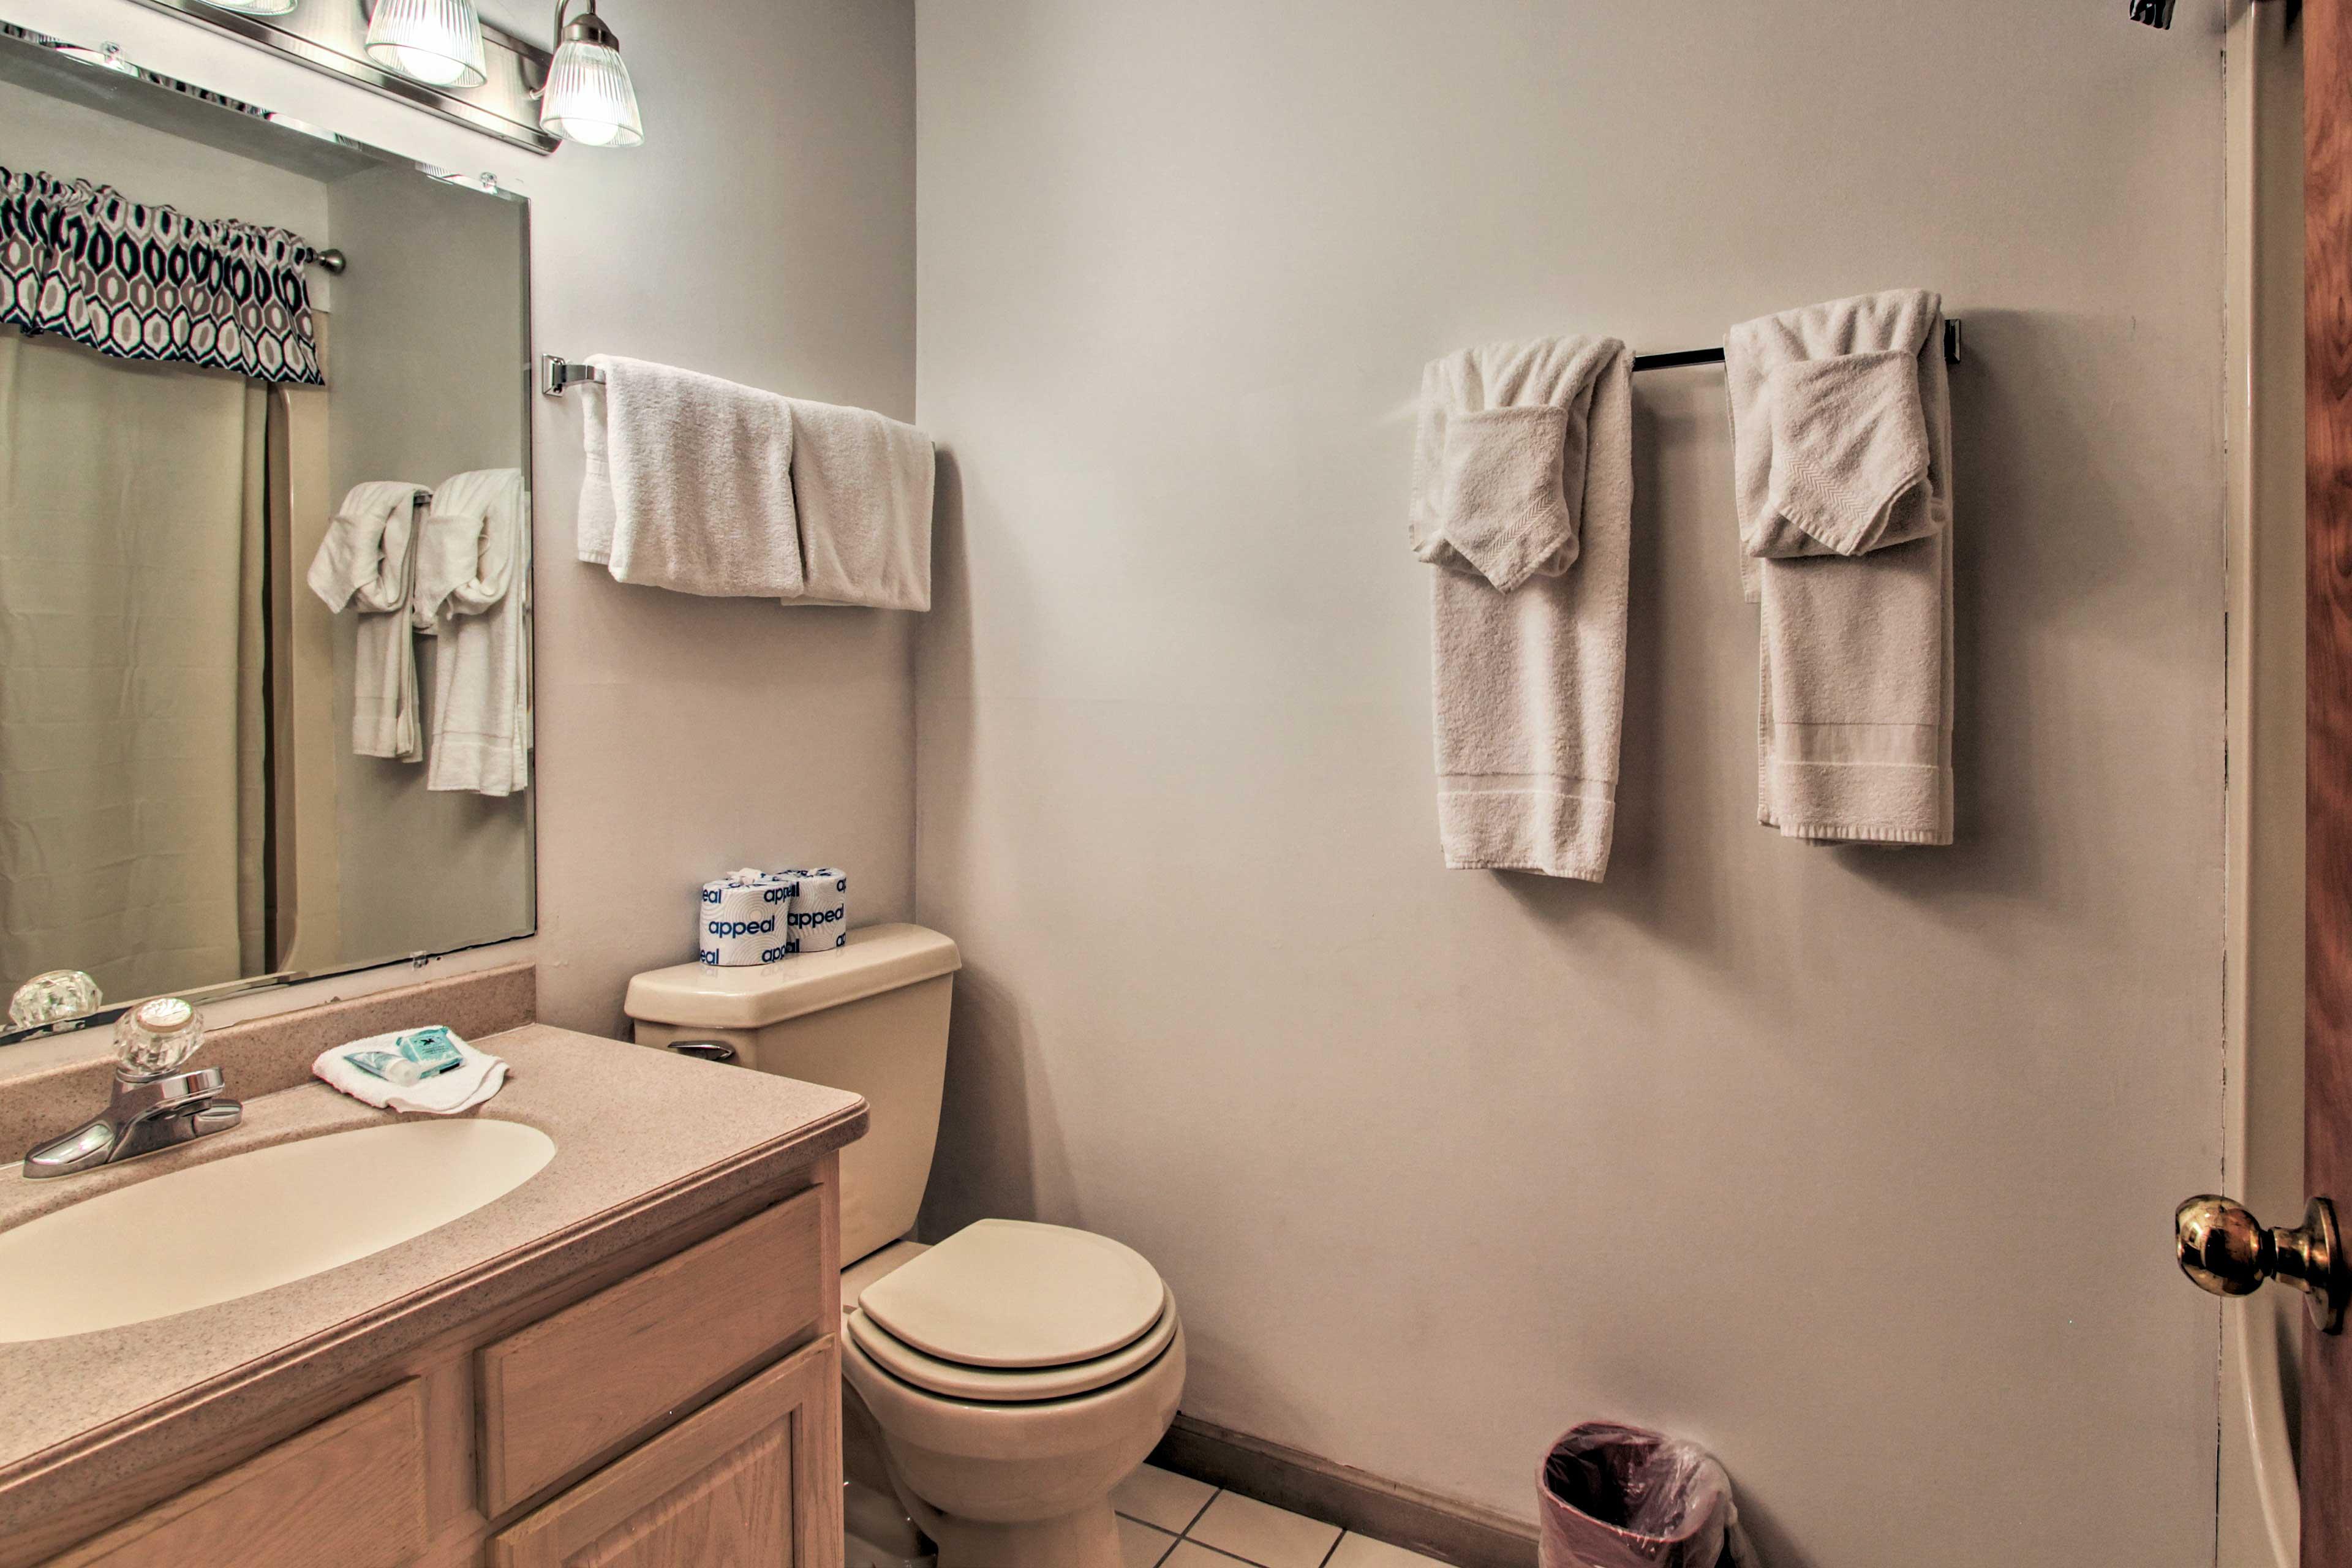 Wash up in the convenient half bathroom!